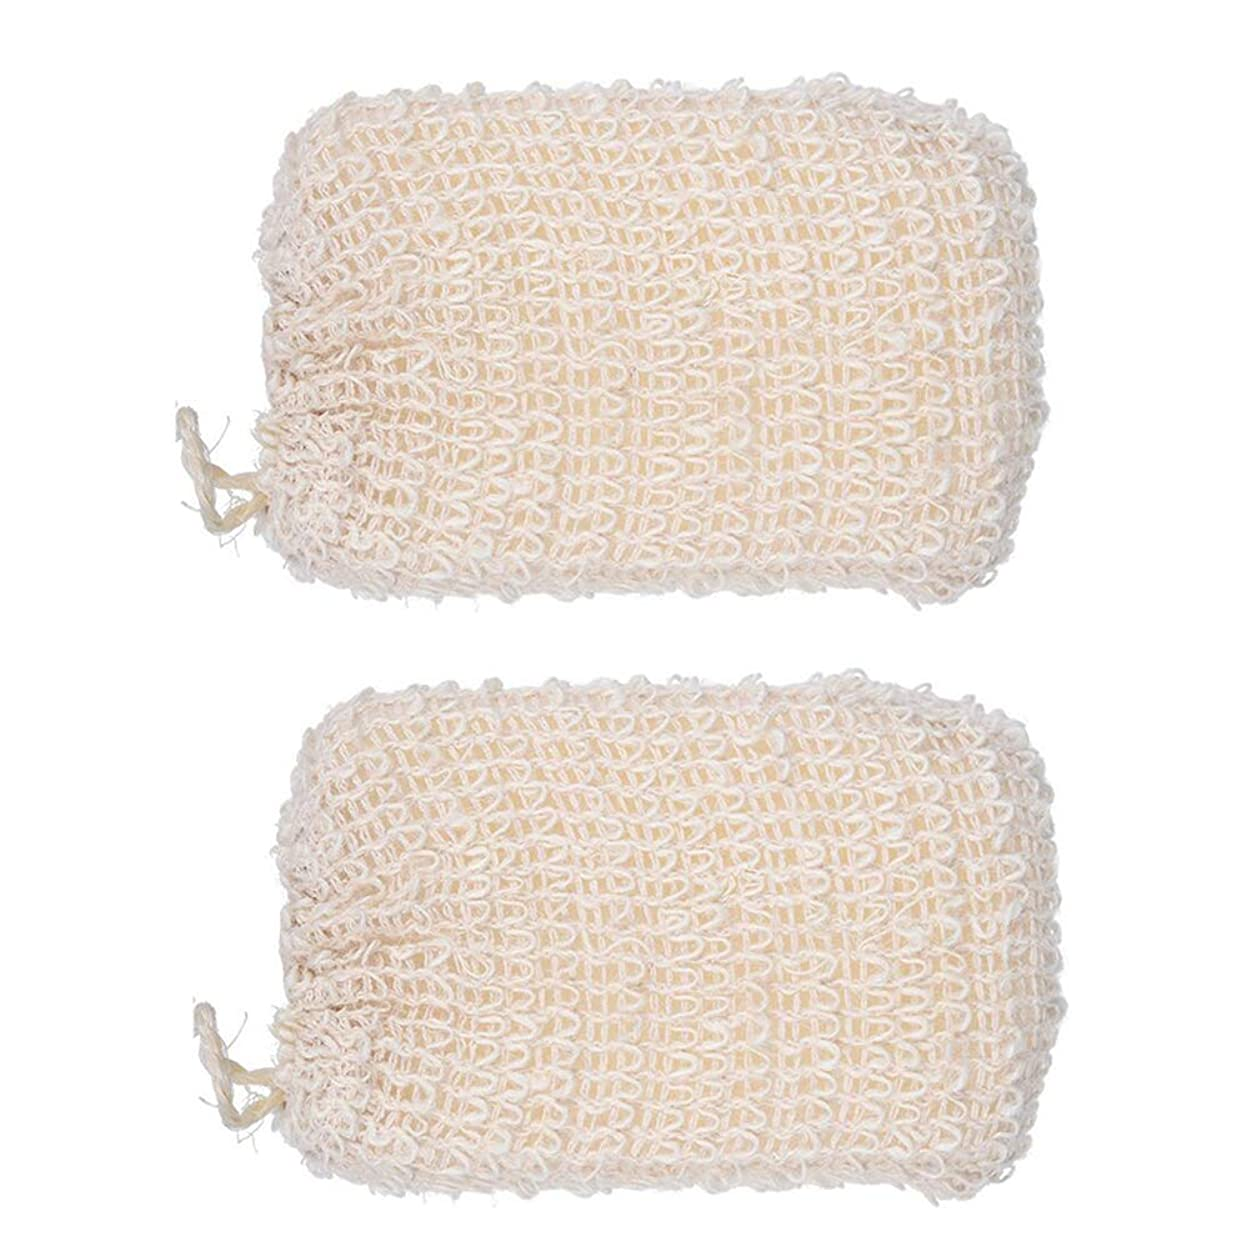 空虚手足試みBeaupretty 2ピース風呂スポンジ植物綿とリネン風呂ブラシ柔らかい風呂スポンジスクラバー用女性赤ちゃん子供(ベージュ)